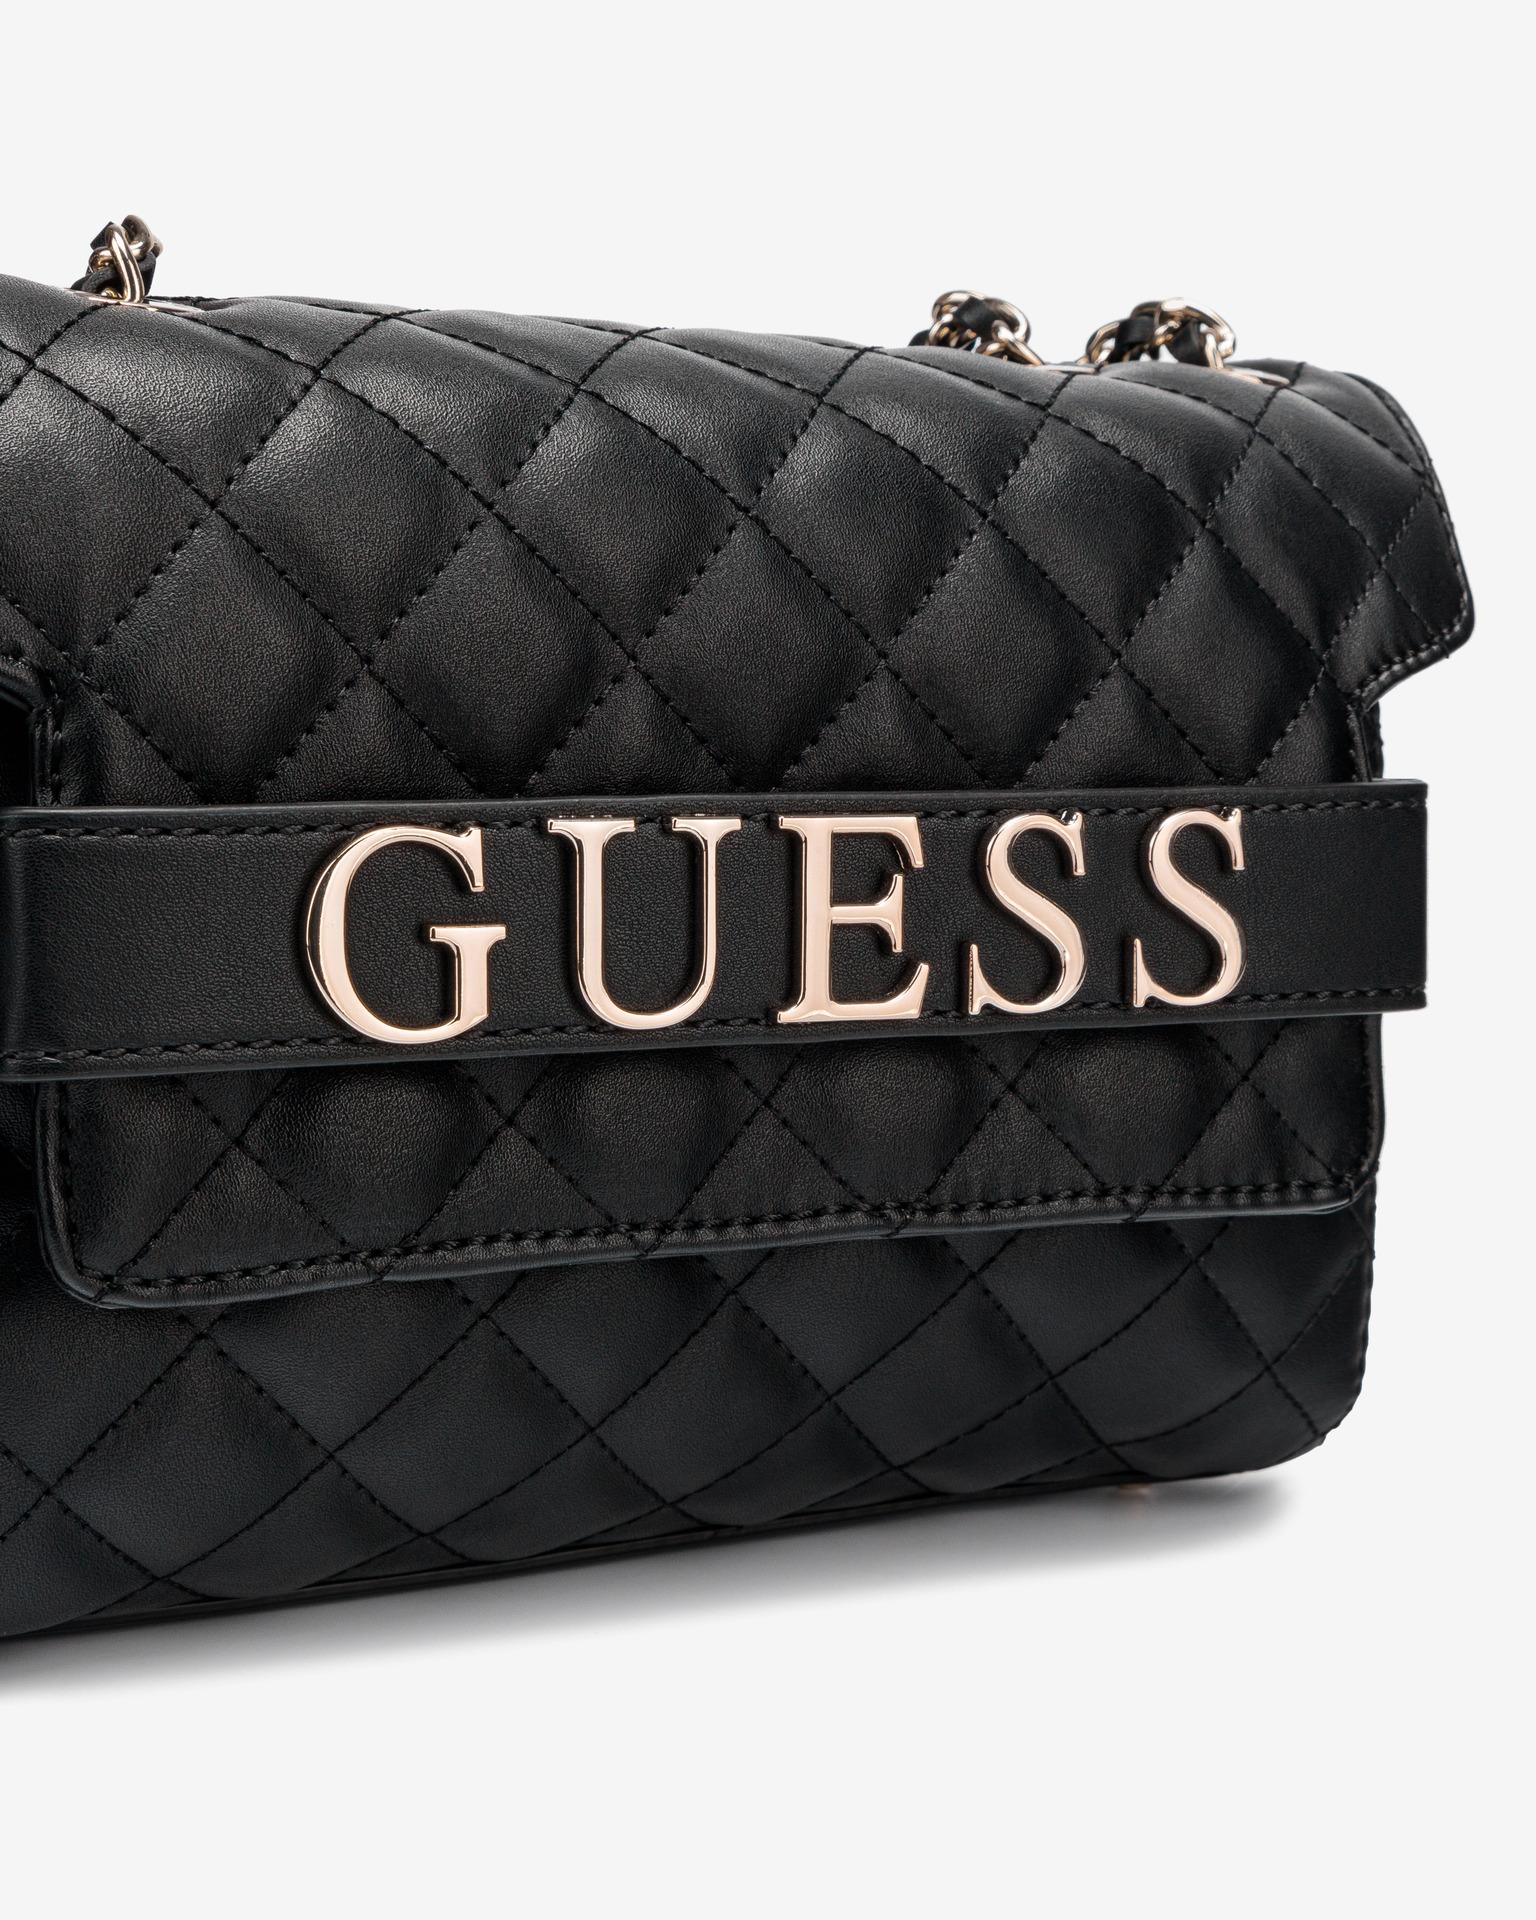 Guess černé crossbody kabelka Illy Convertibe